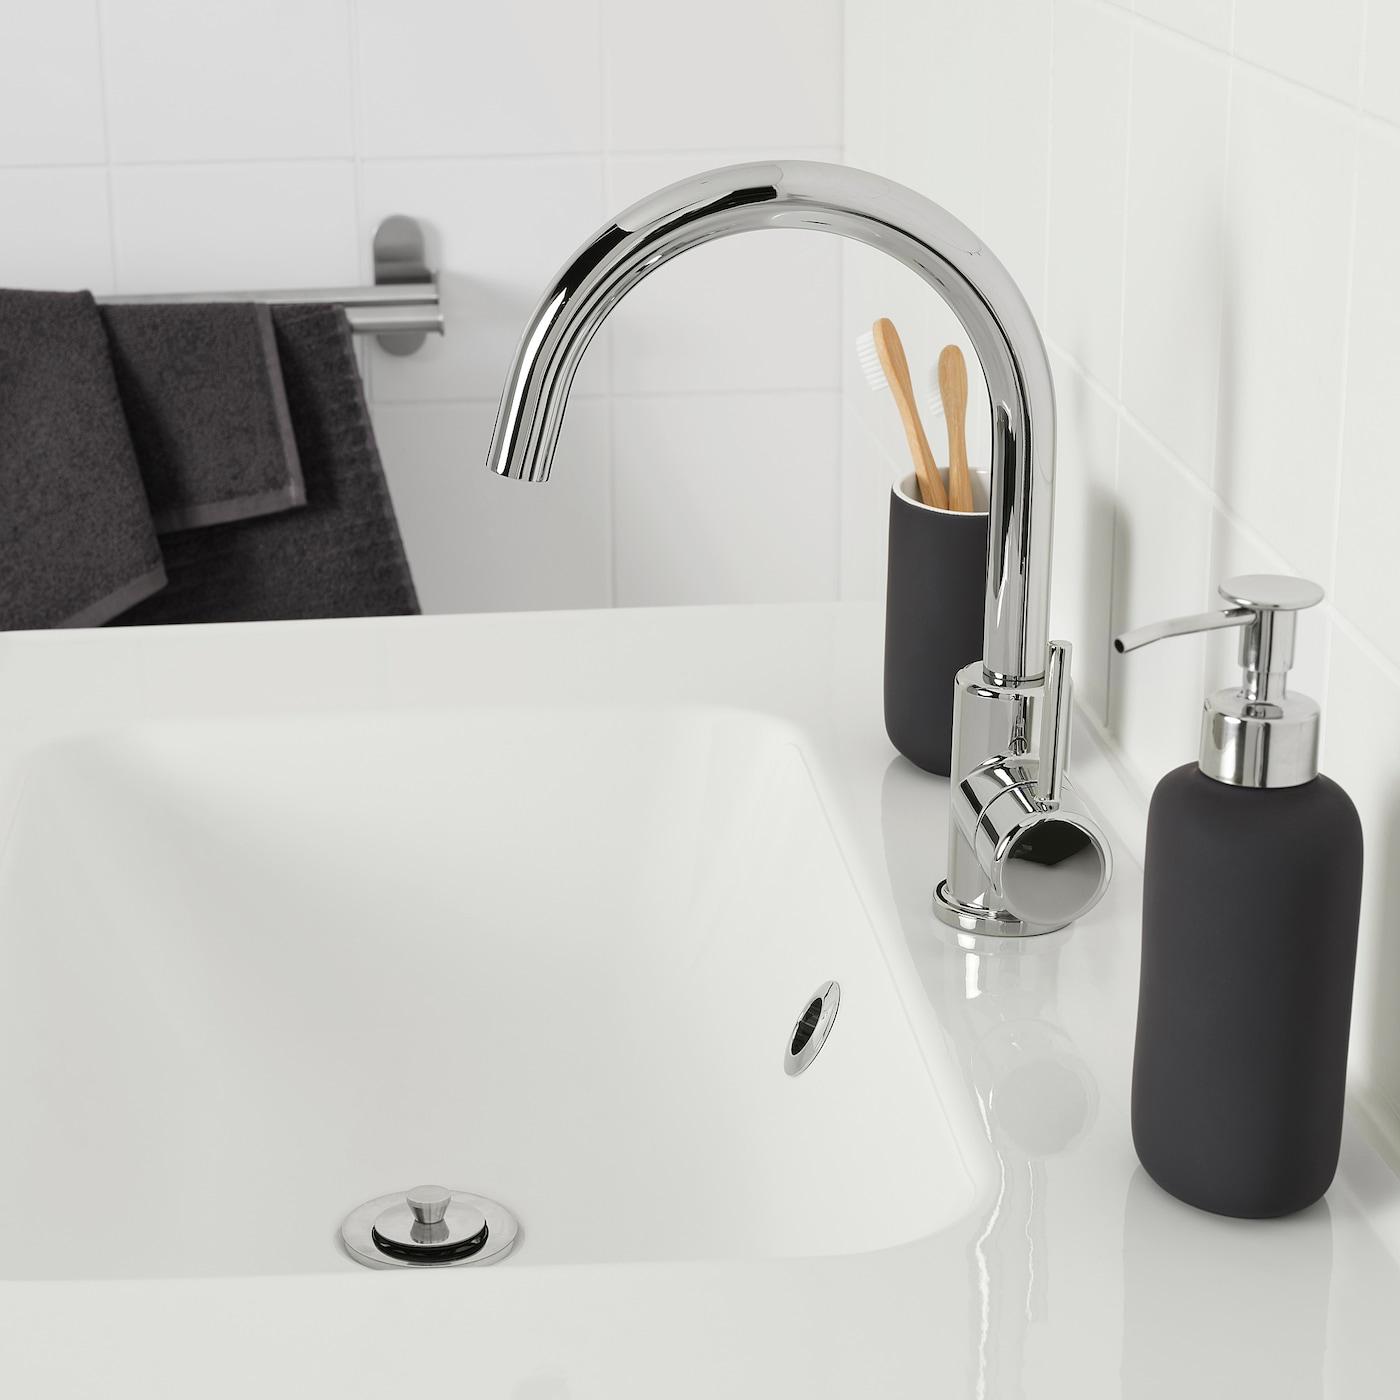 GLYPEN Mitigeur lavabo, chromé